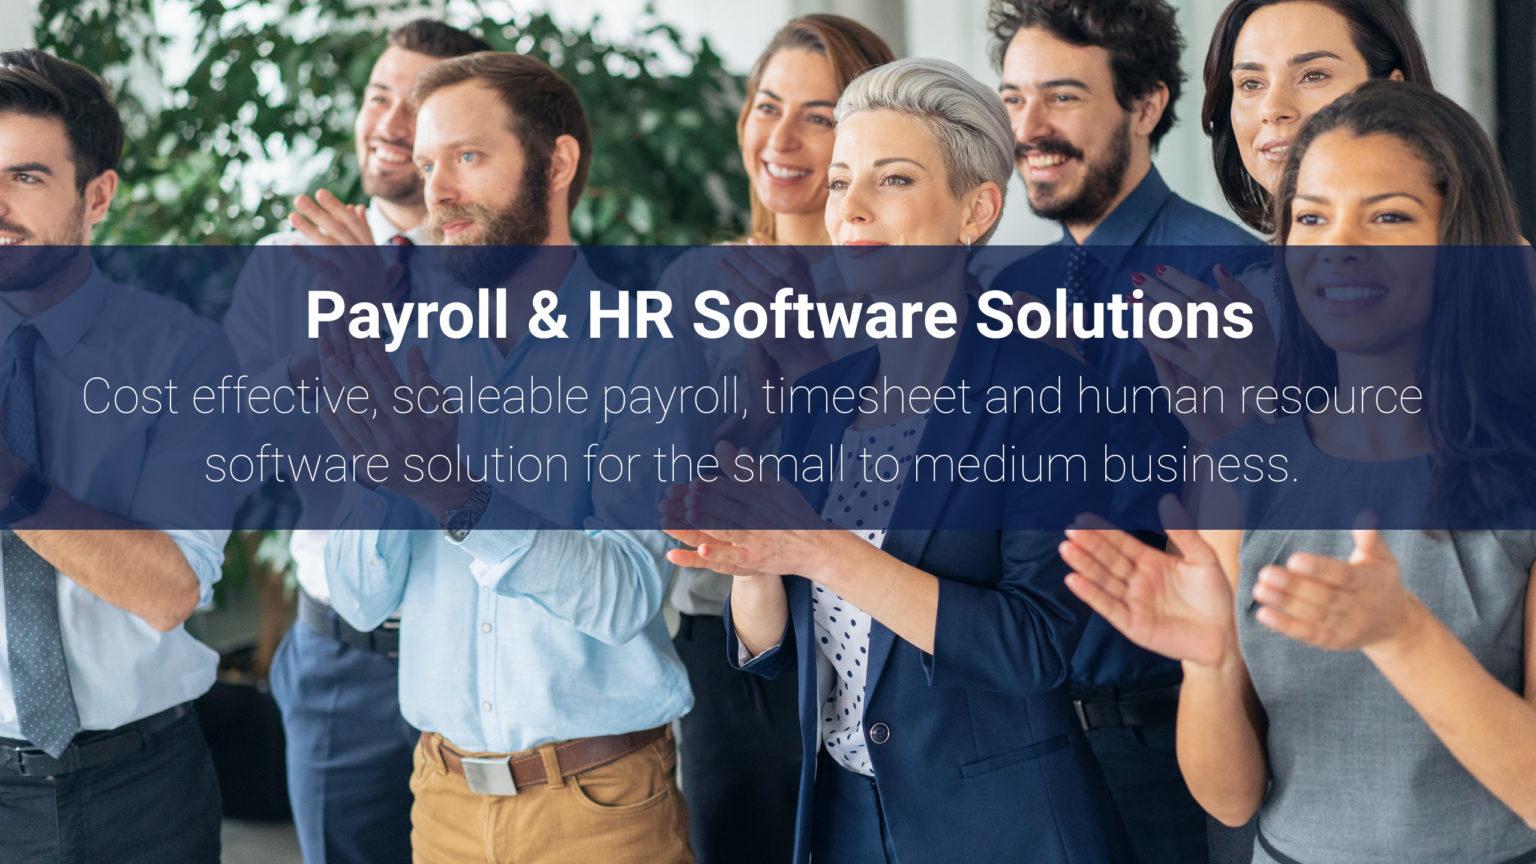 Payroll & HR